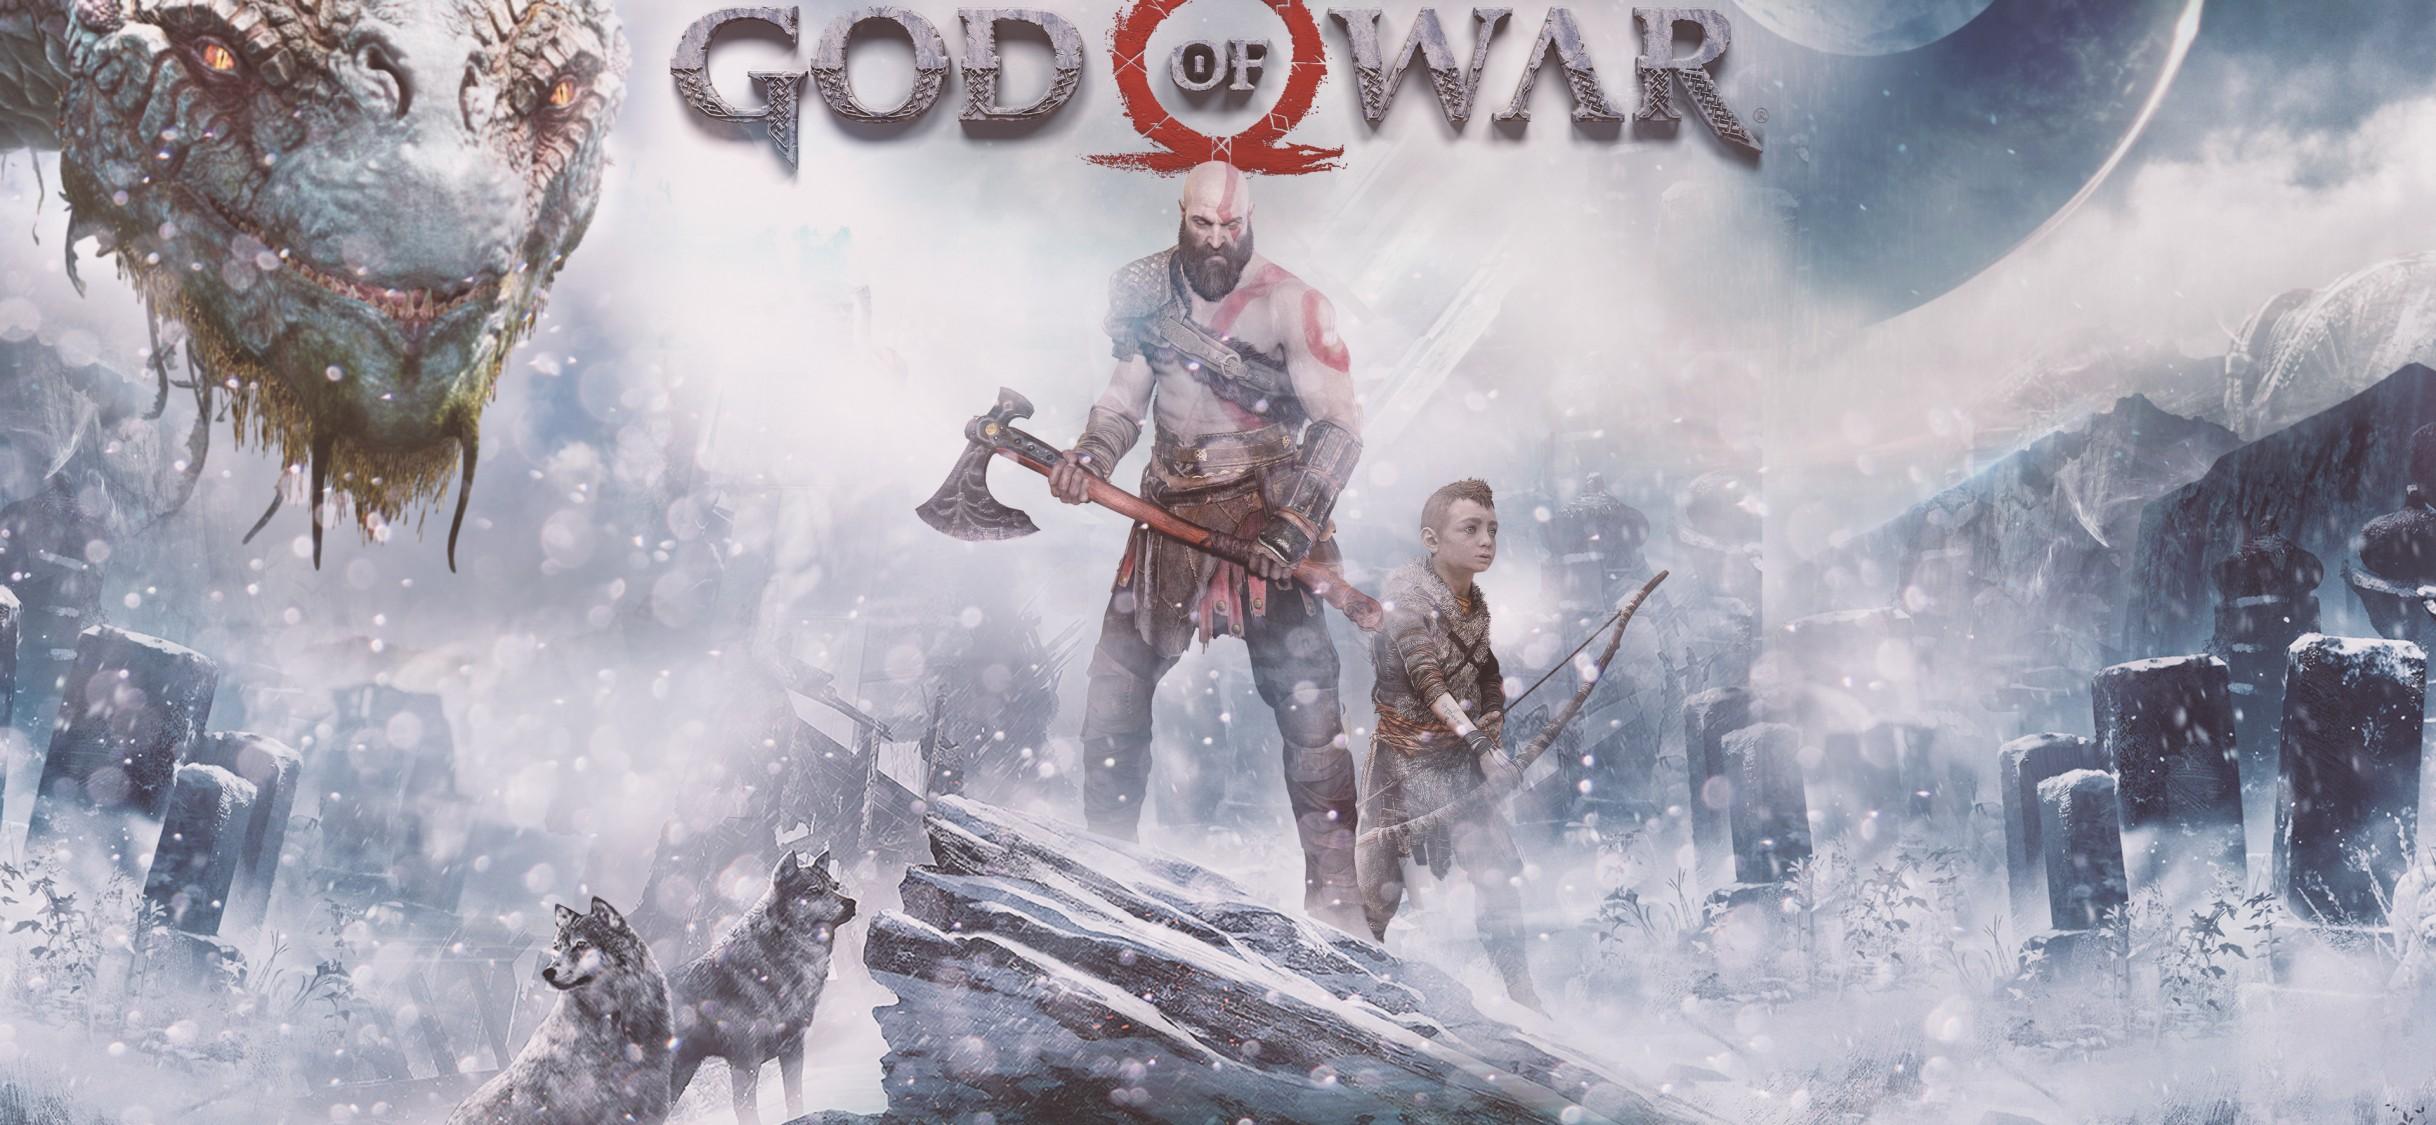 God Of War Ps4 4k Hd Wallpaper Iphone X Hd Wallpaper